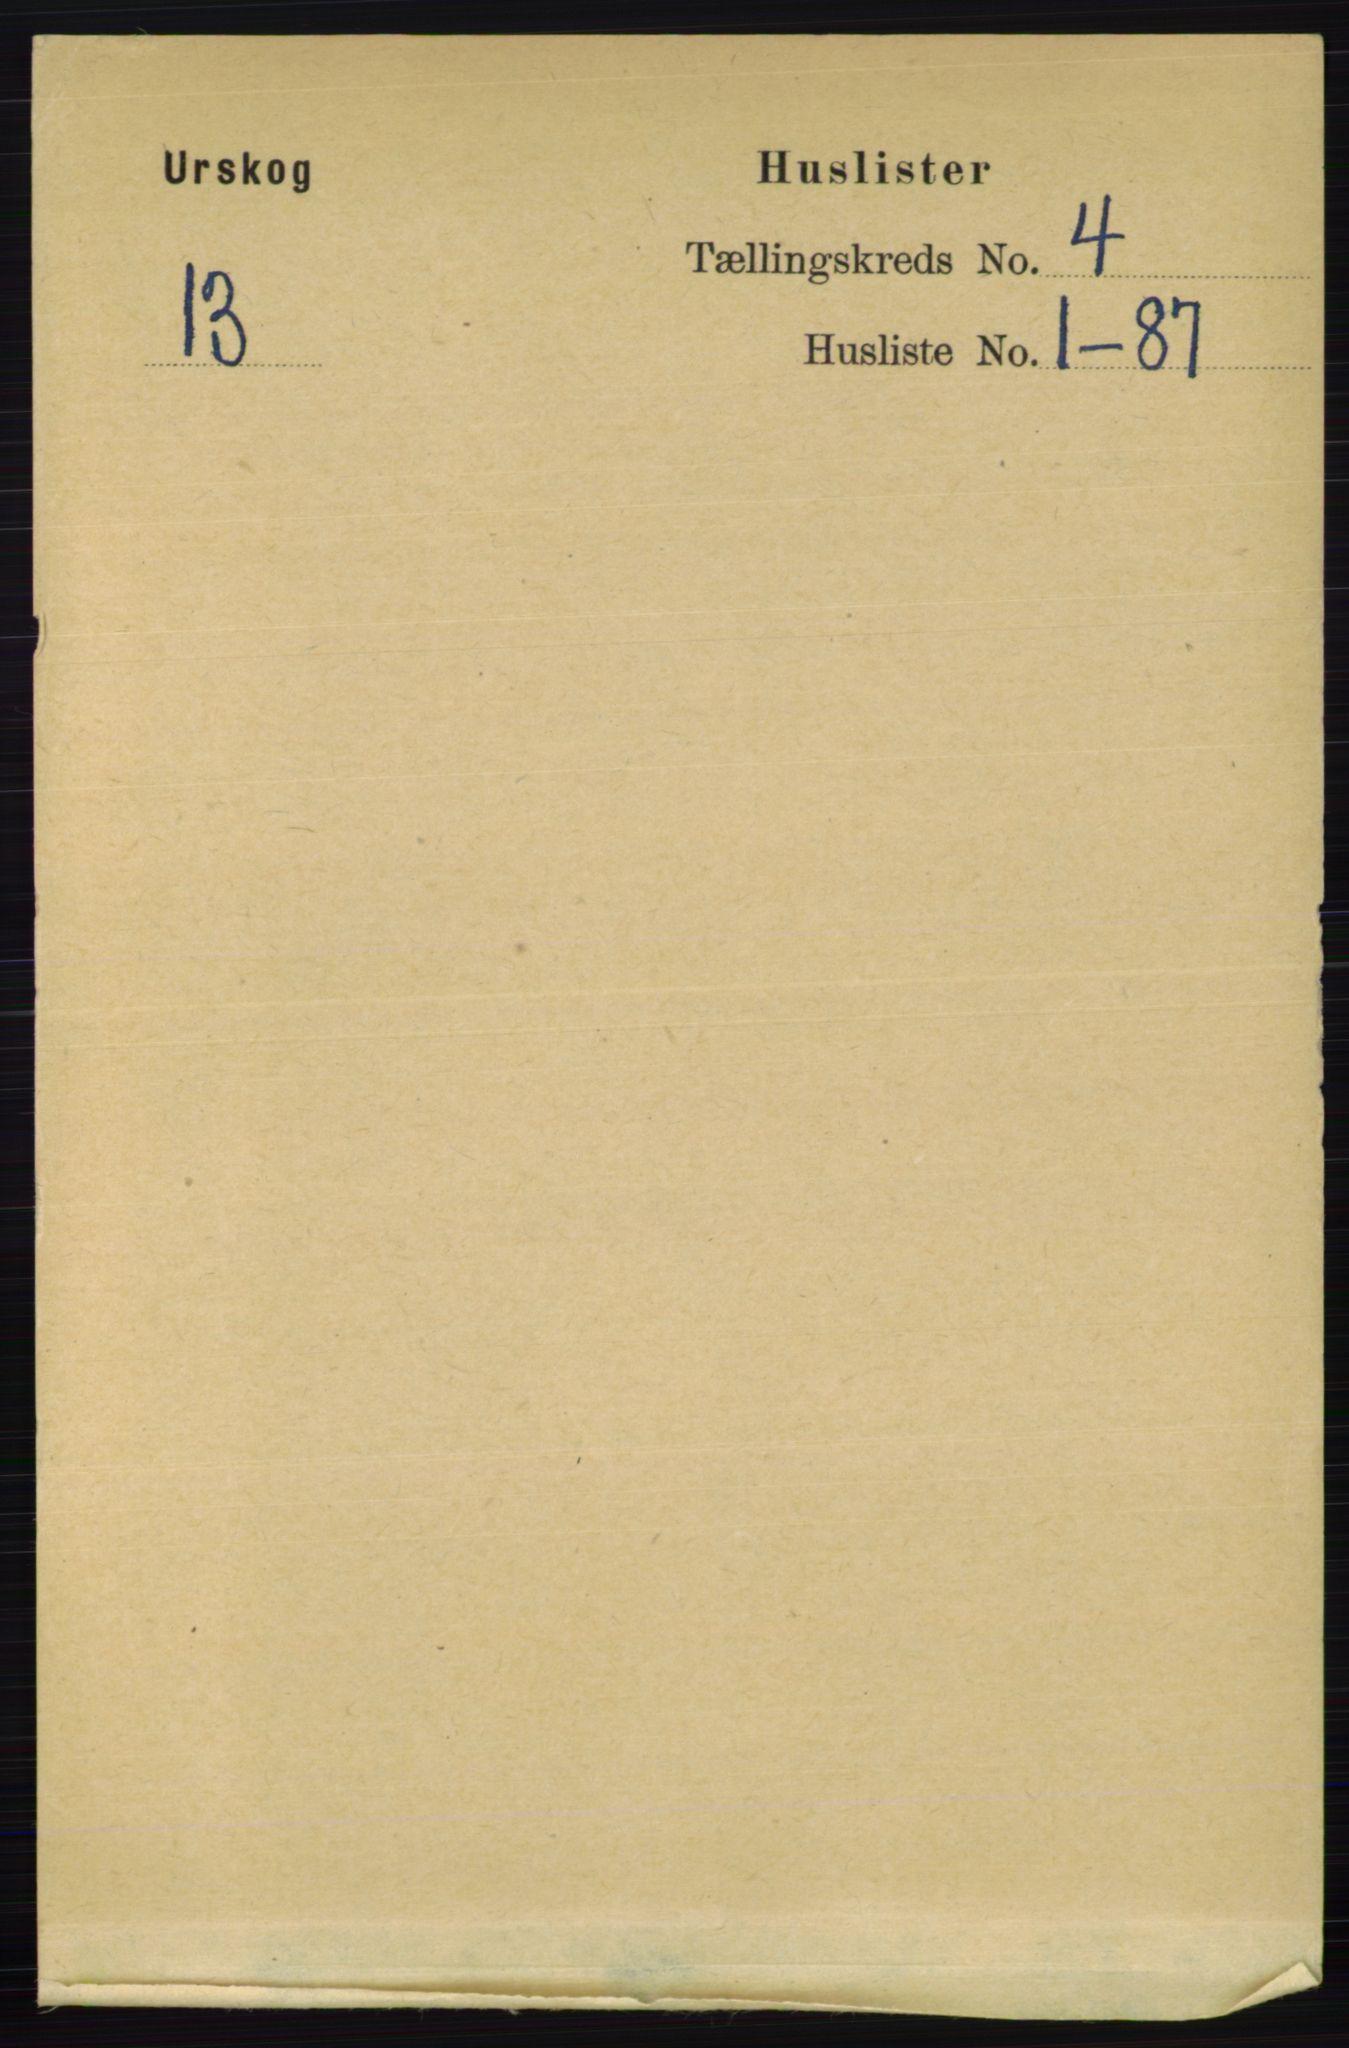 RA, Folketelling 1891 for 0224 Aurskog herred, 1891, s. 1397